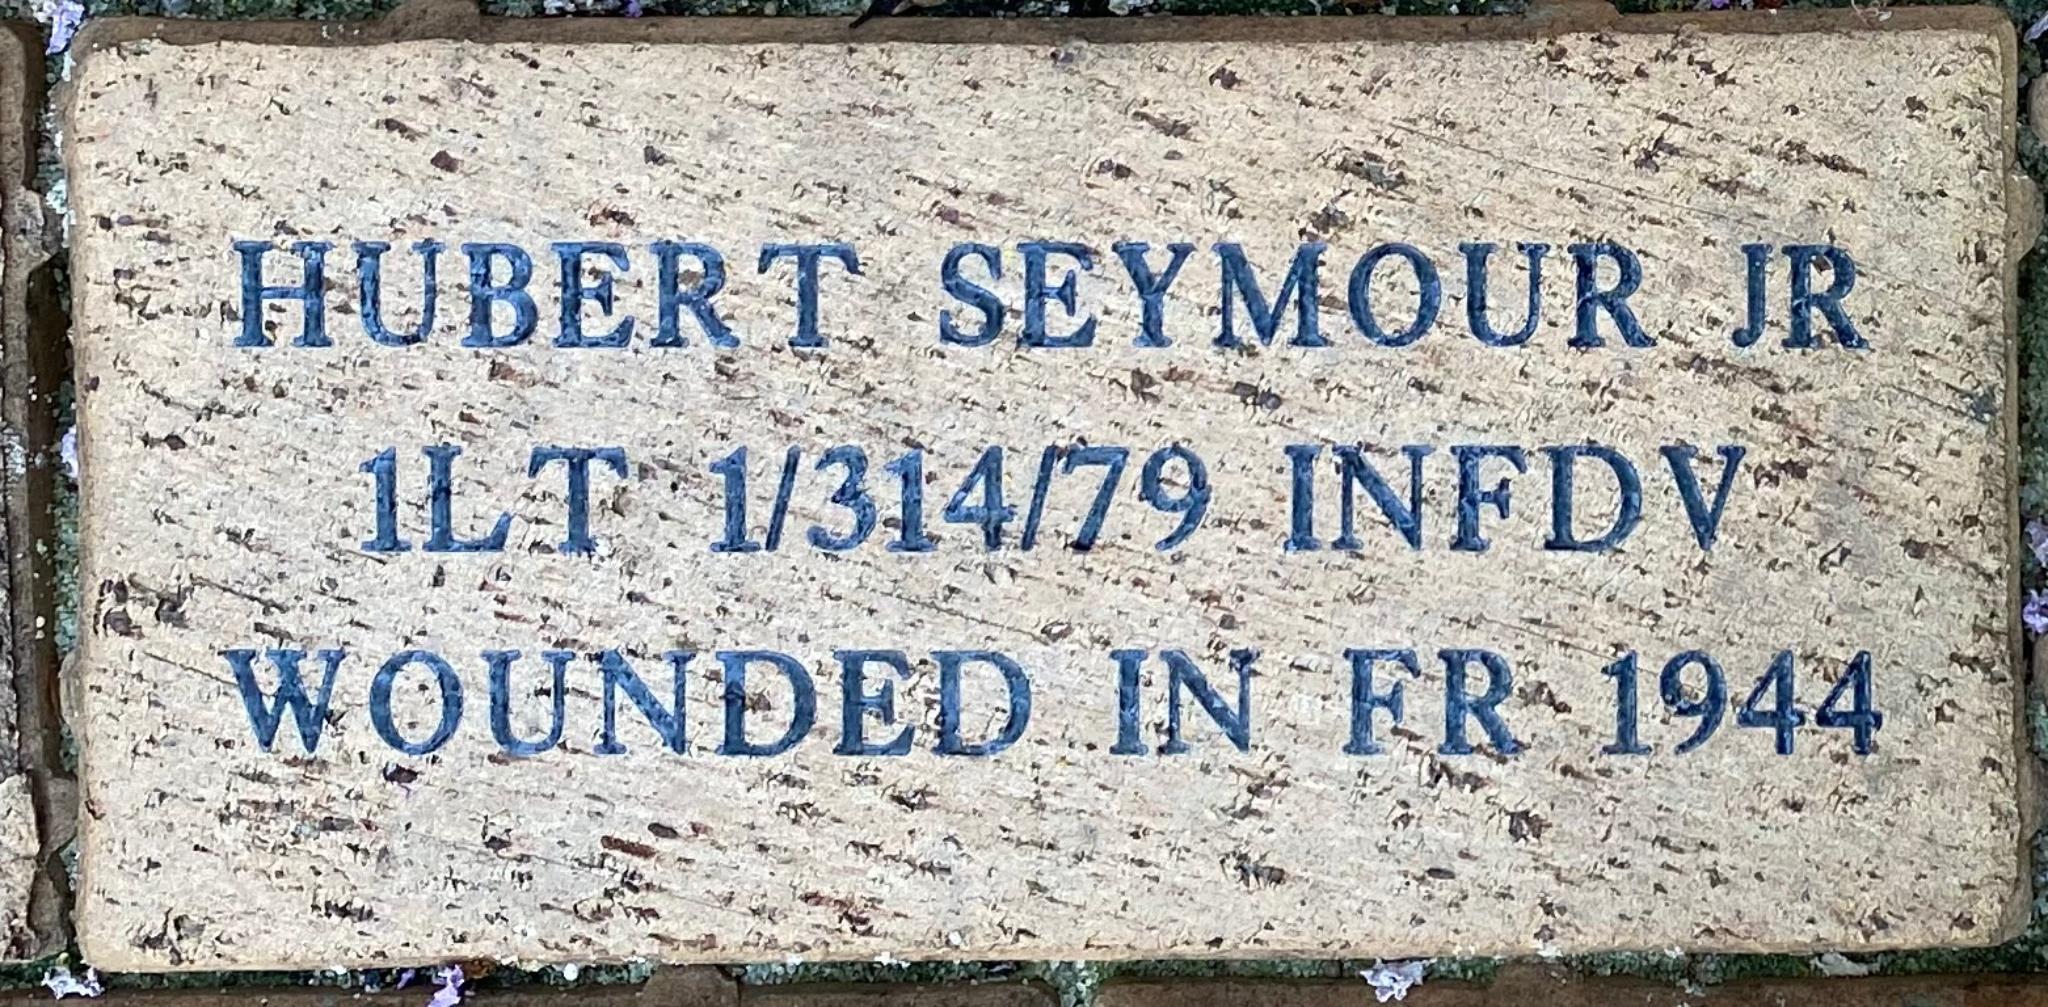 HUBERT SEYMOUR JR 1LT 1/314/79 INFDV WOUNDED IN FR 1944